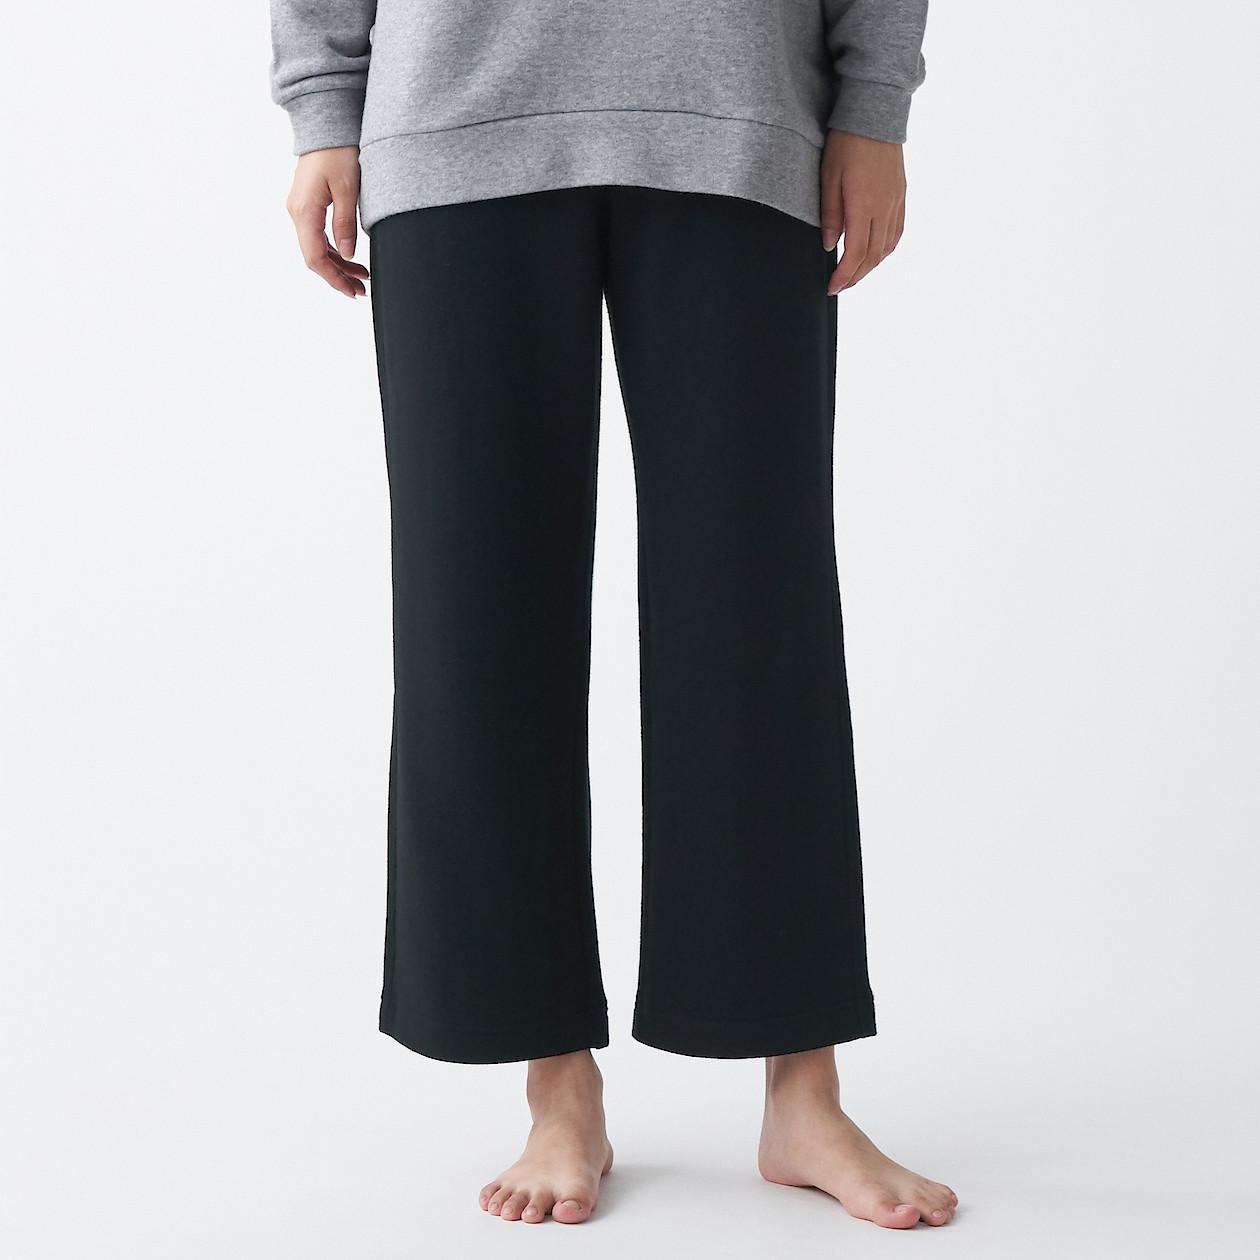 무인양품 MUJI 여성 스트레치 테리 와이드 팬츠 FDG54A0A  L~XL  블랙